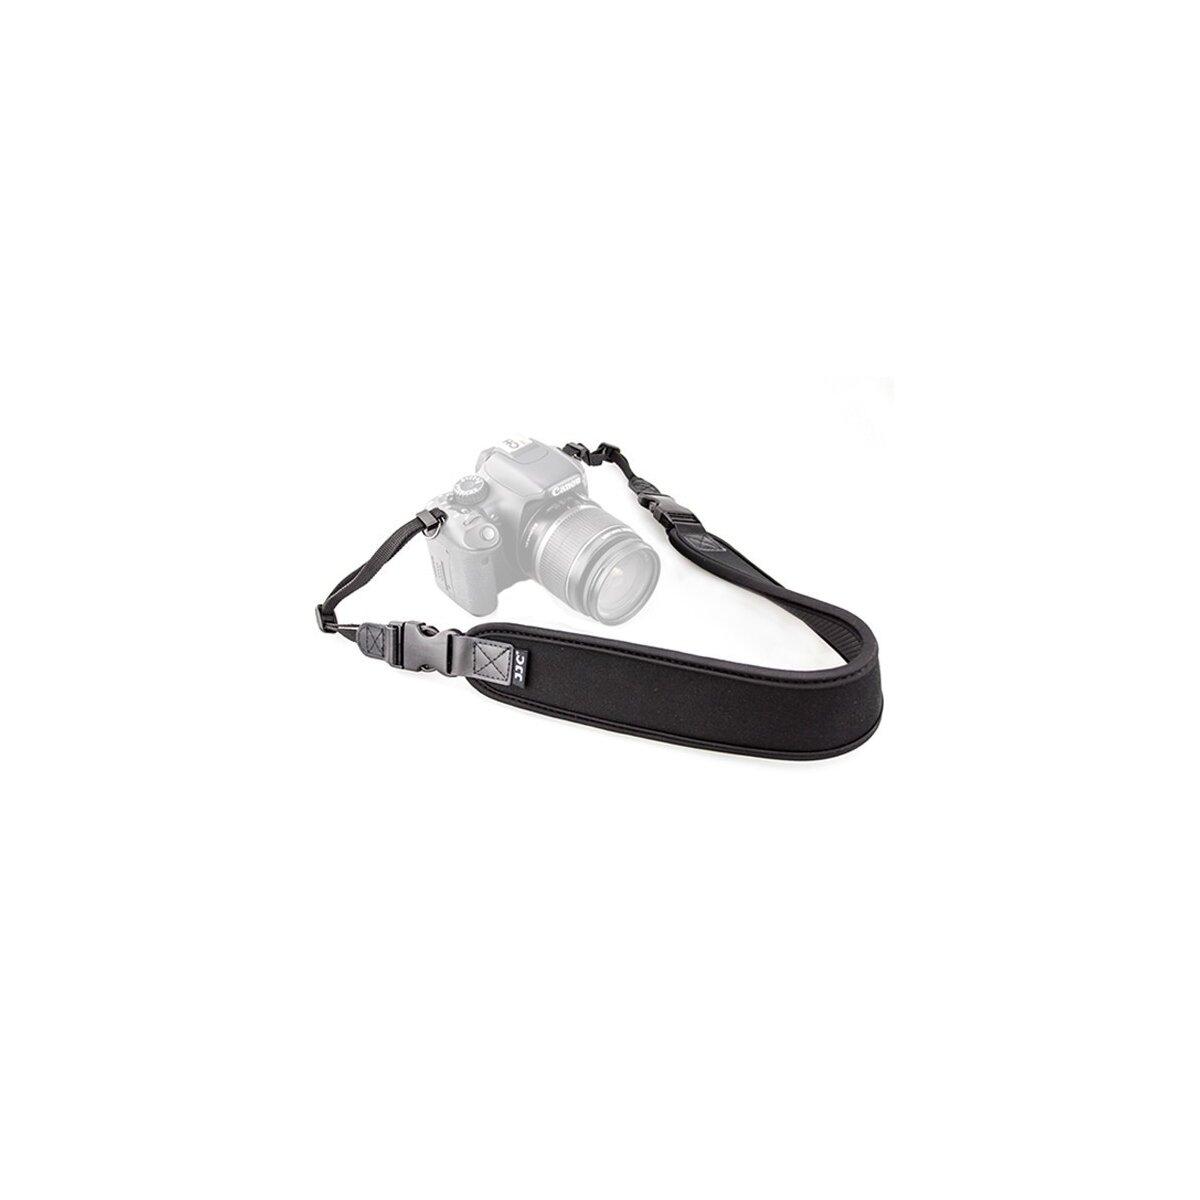 Schmaler Neopren-Kameragurt Schulterriemen mit Schnellverschluss-System in Schwarz